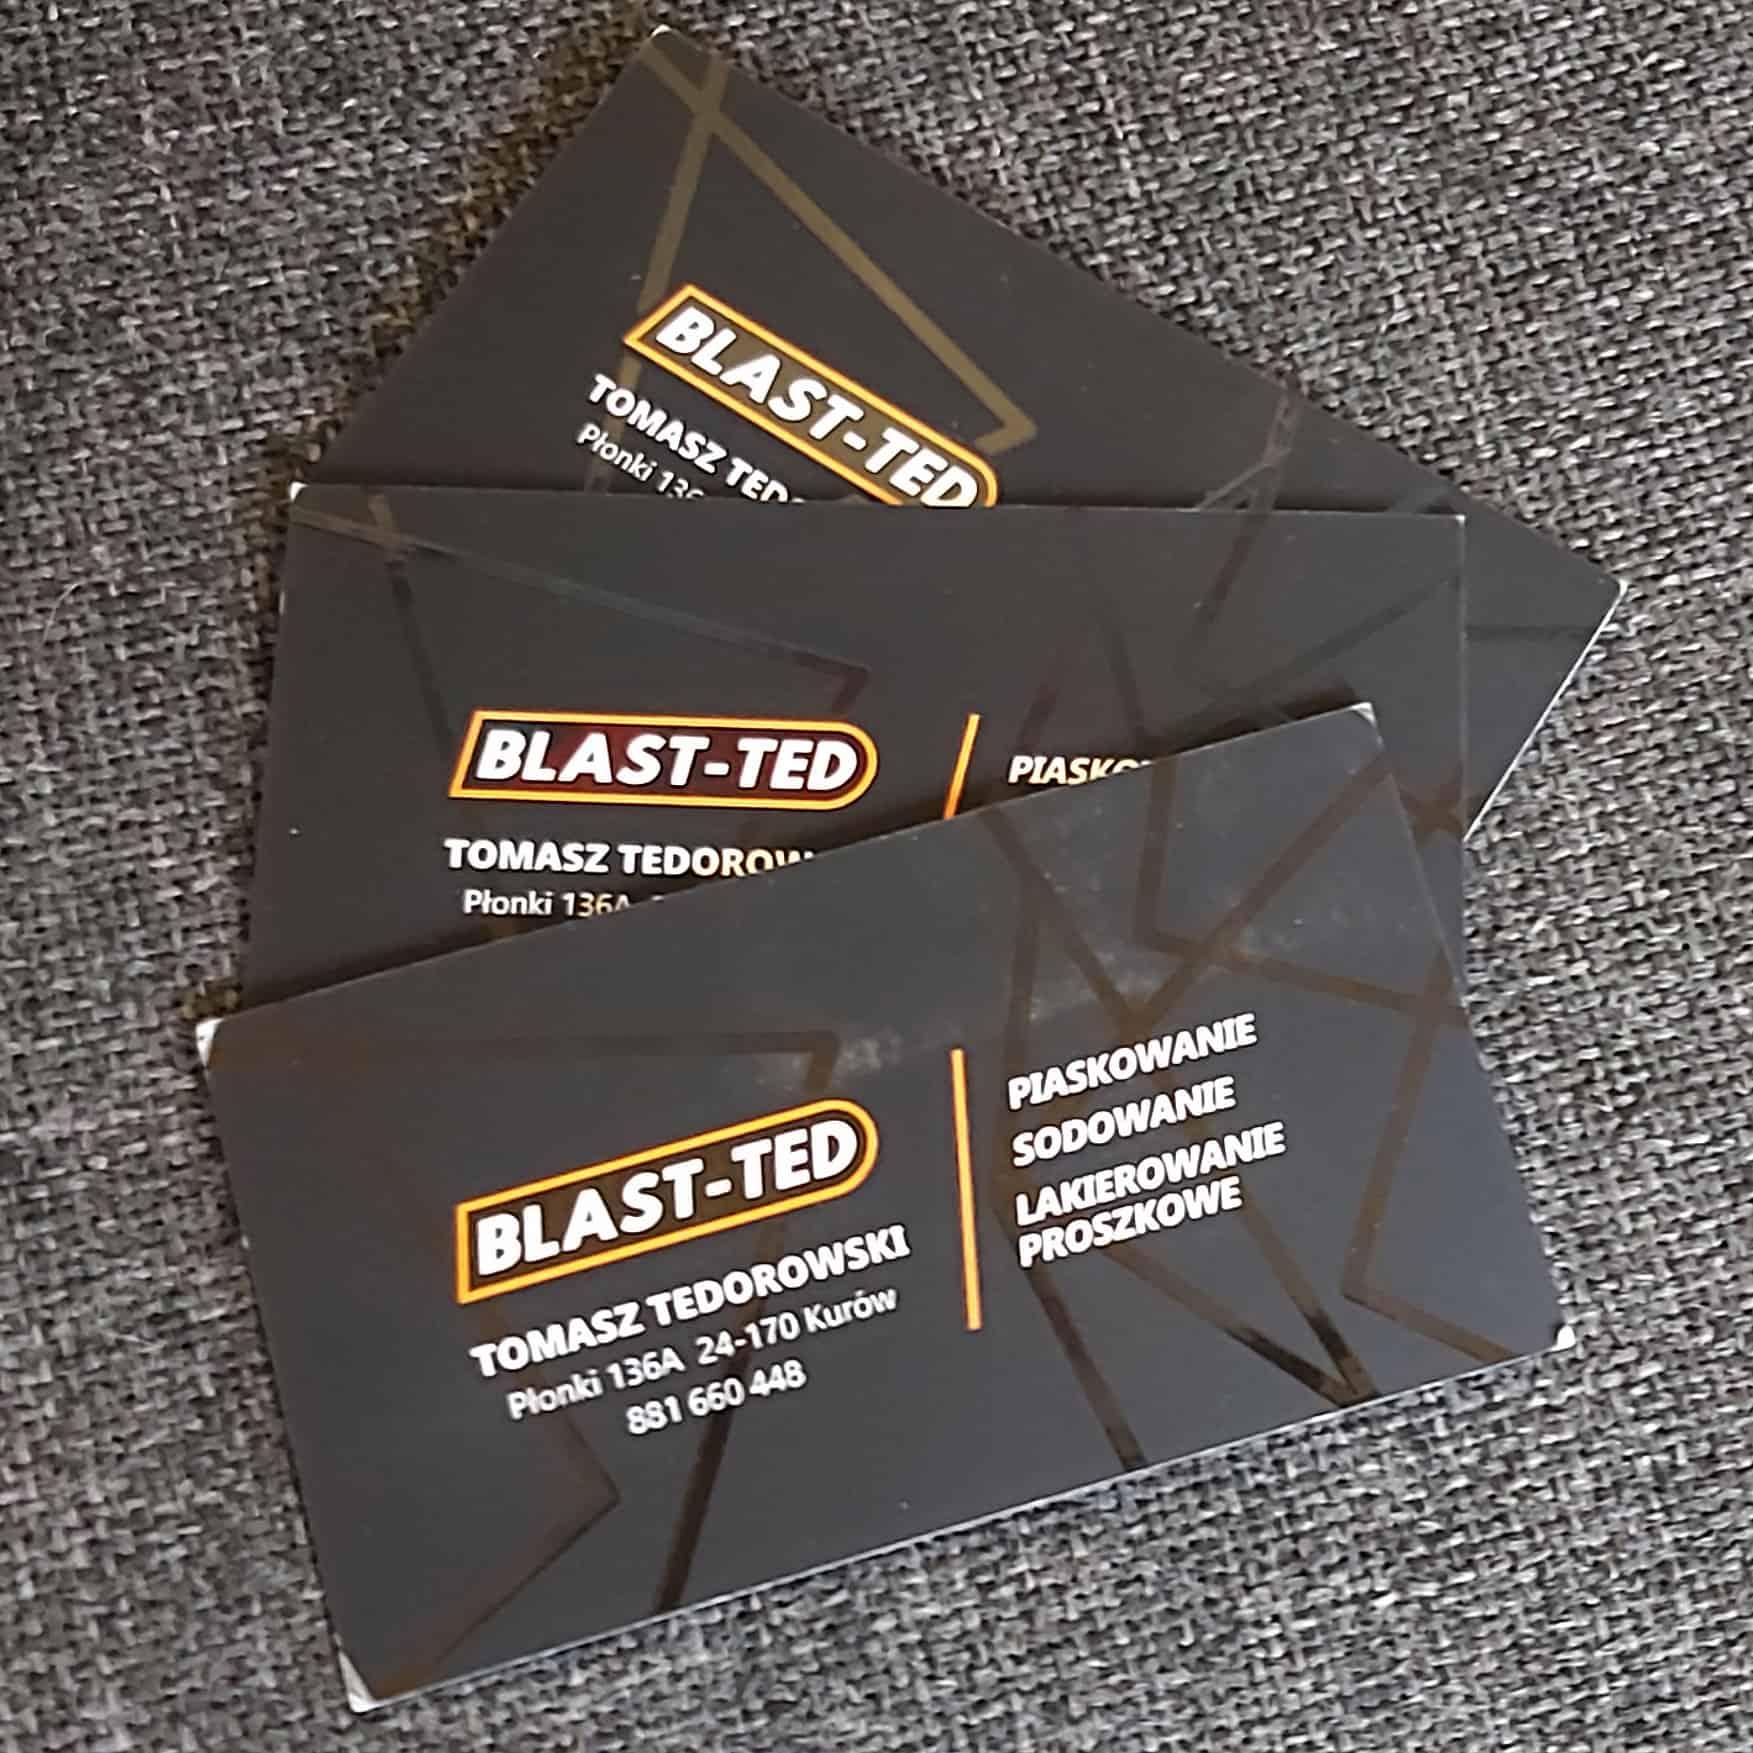 wizytówki firmowe z logo Blast-ted